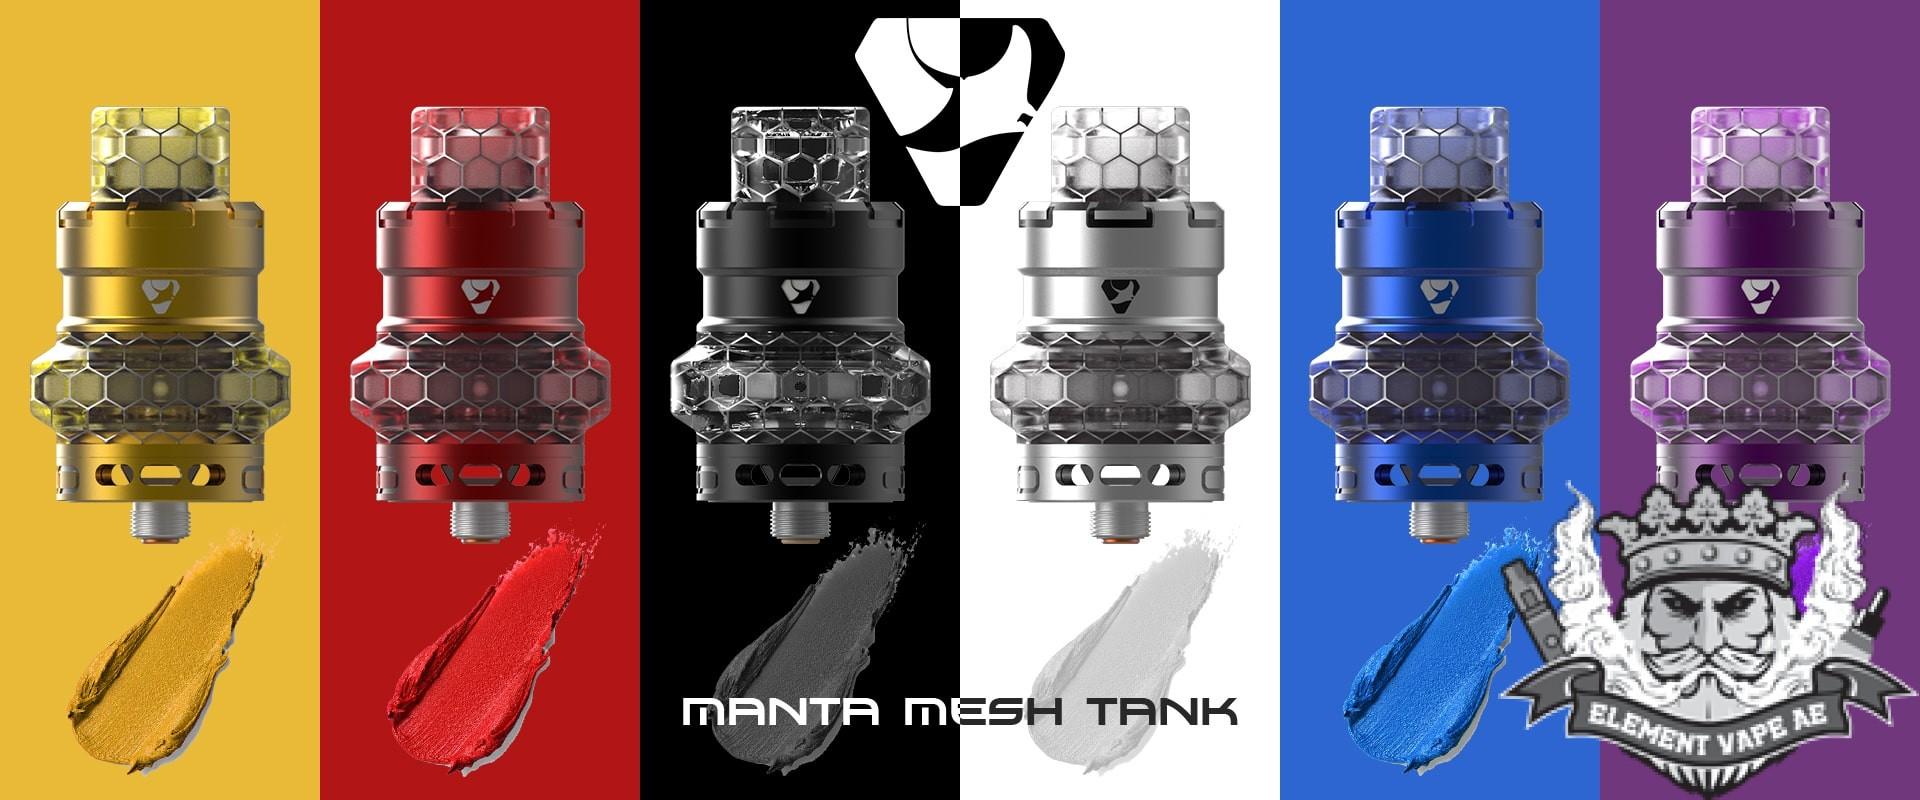 manta tank 02